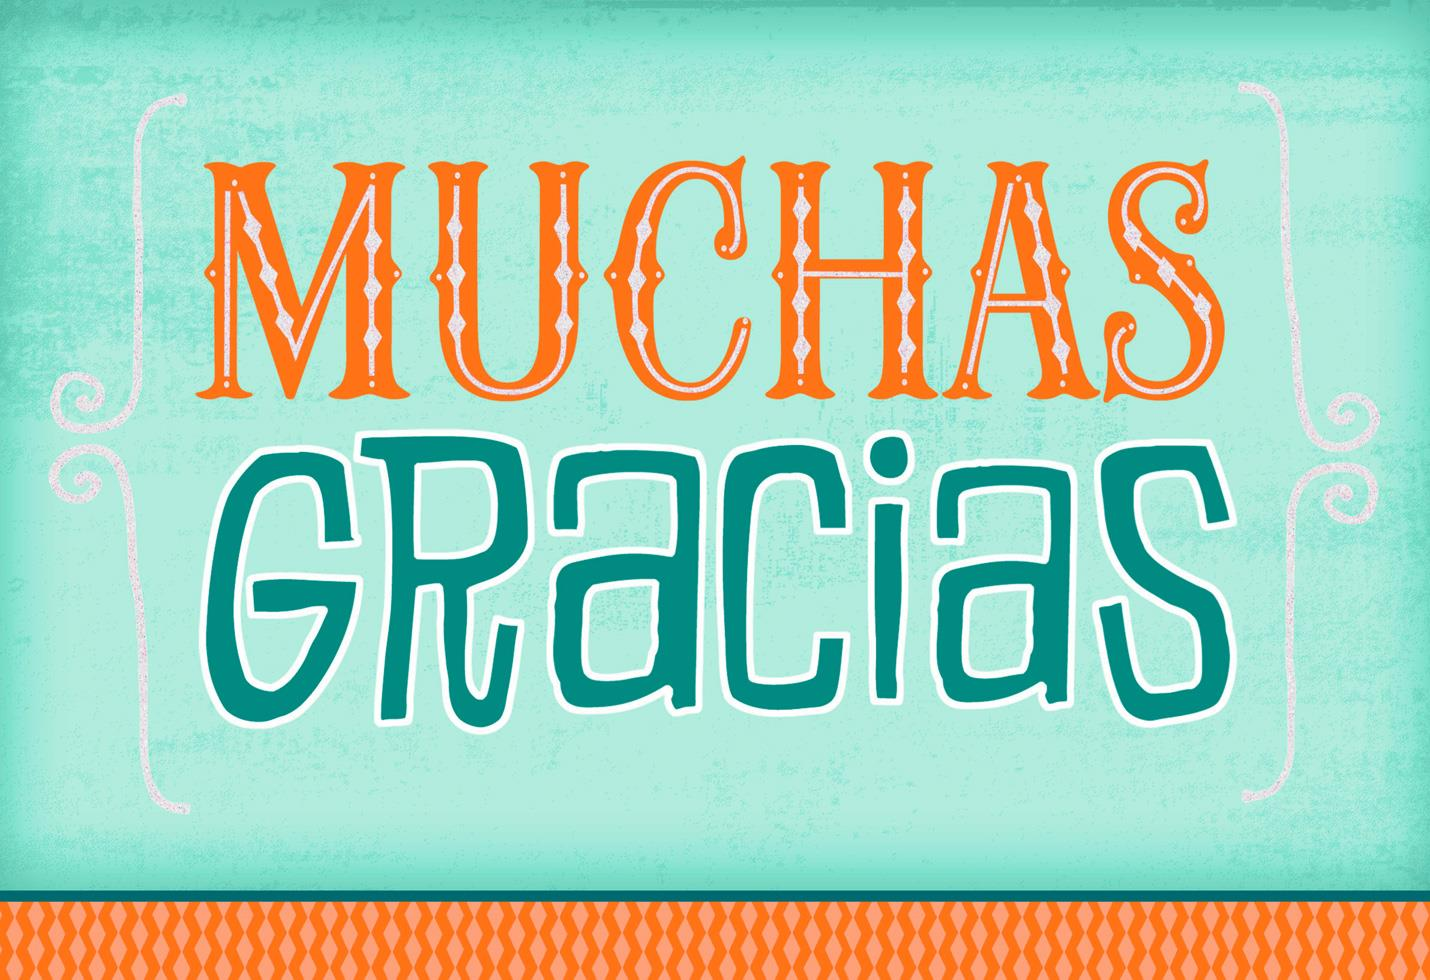 Fullsize Of Spanish For Thank You